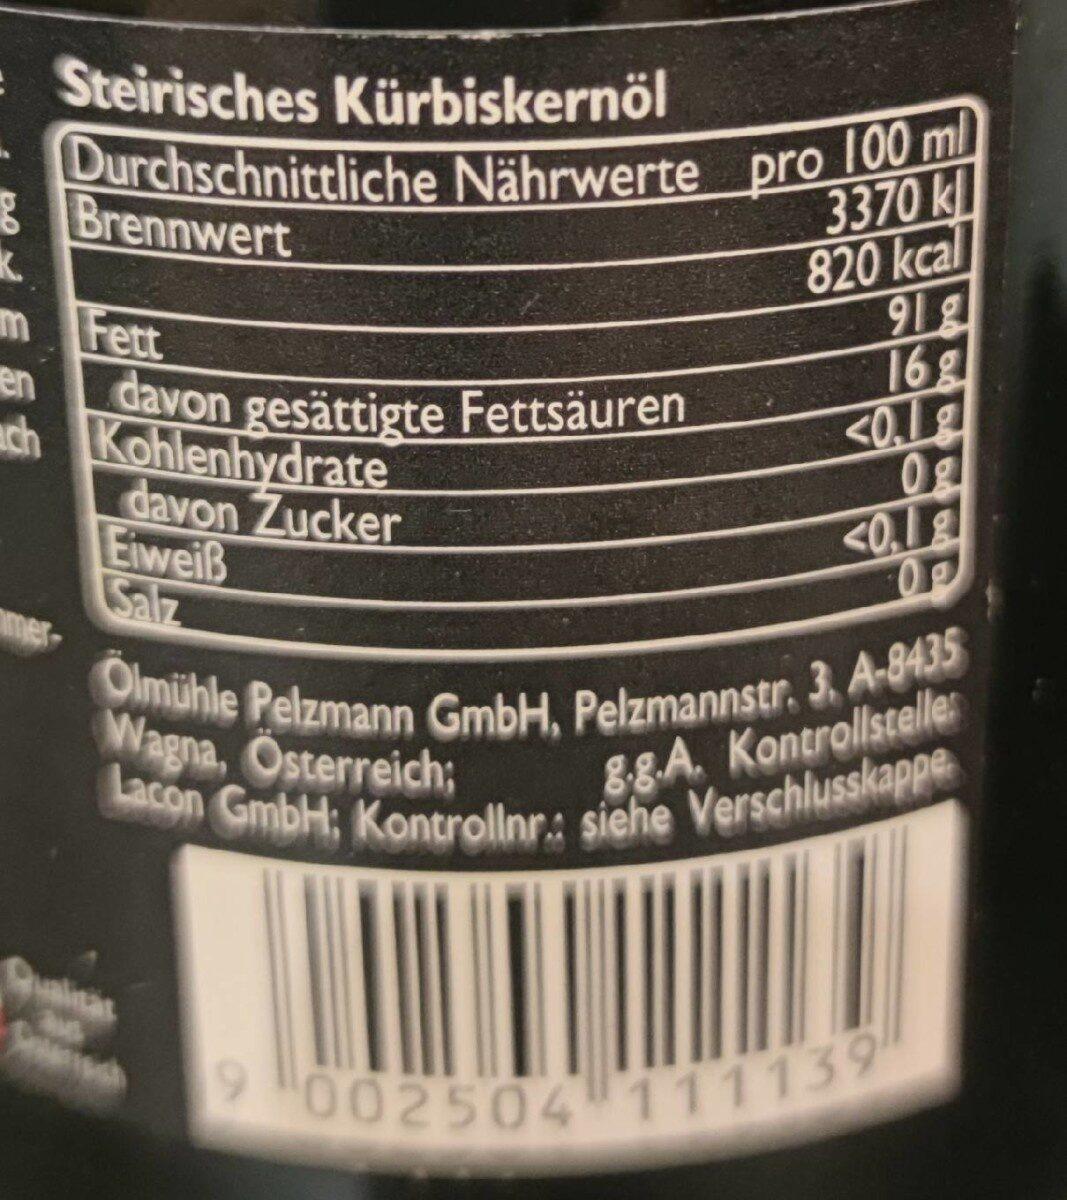 100 % Steirisches Kürbiskernöl - Valori nutrizionali - fr